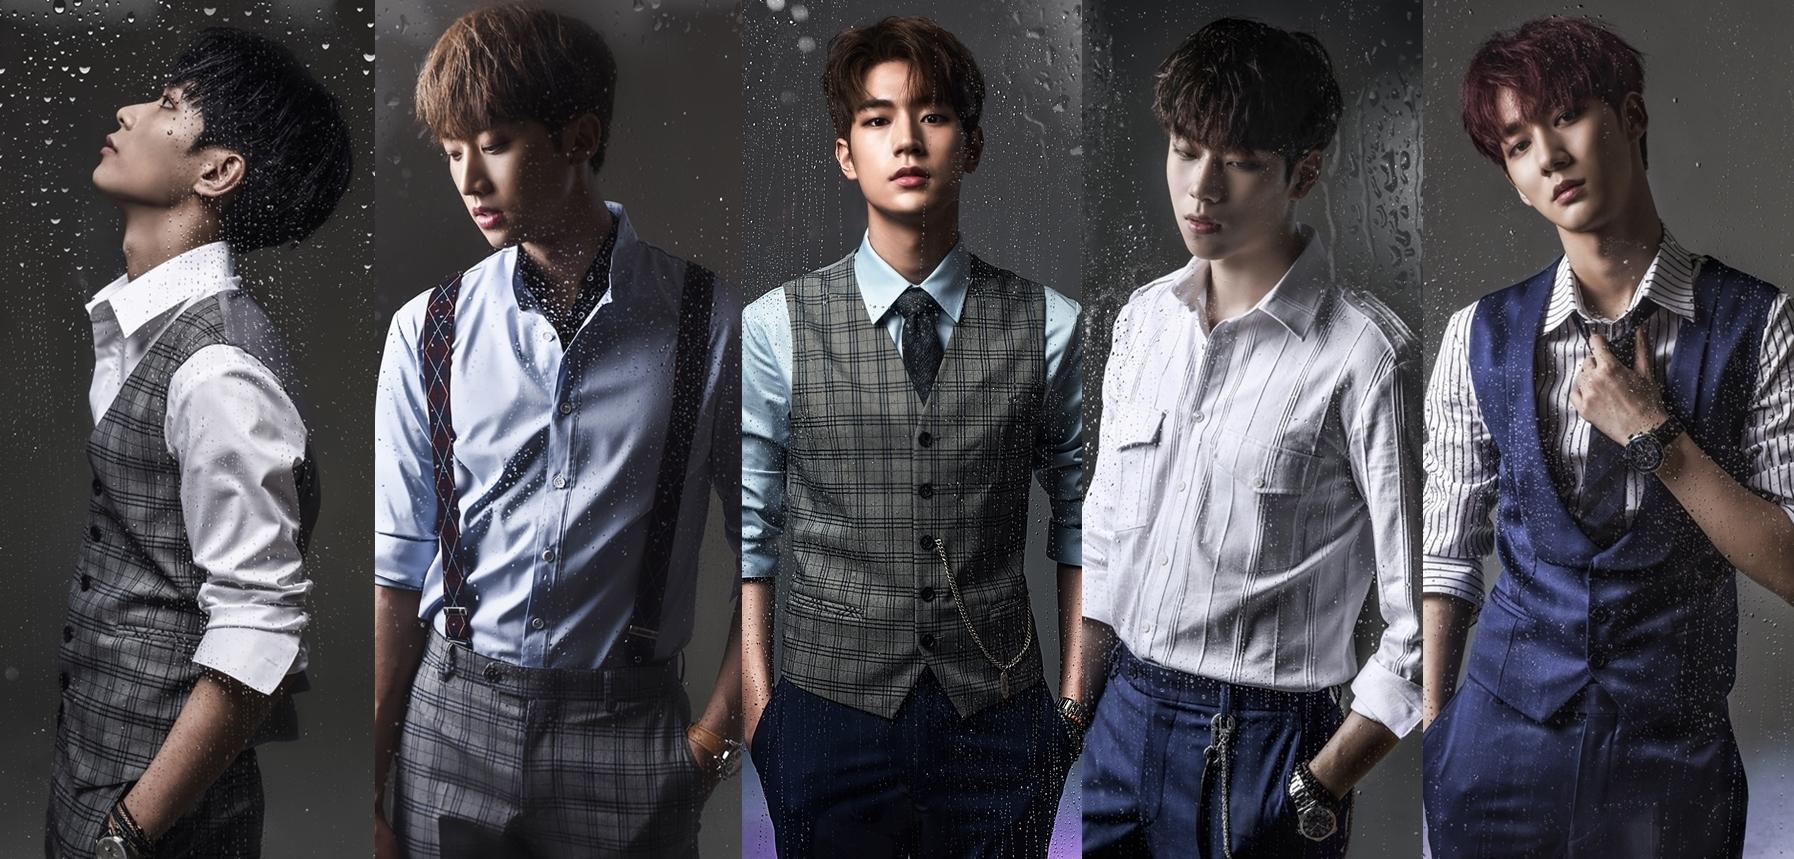 크나큰(KNK), 日 데뷔 싱글 'U / Back again' 발표 '해외 진출 청신호'